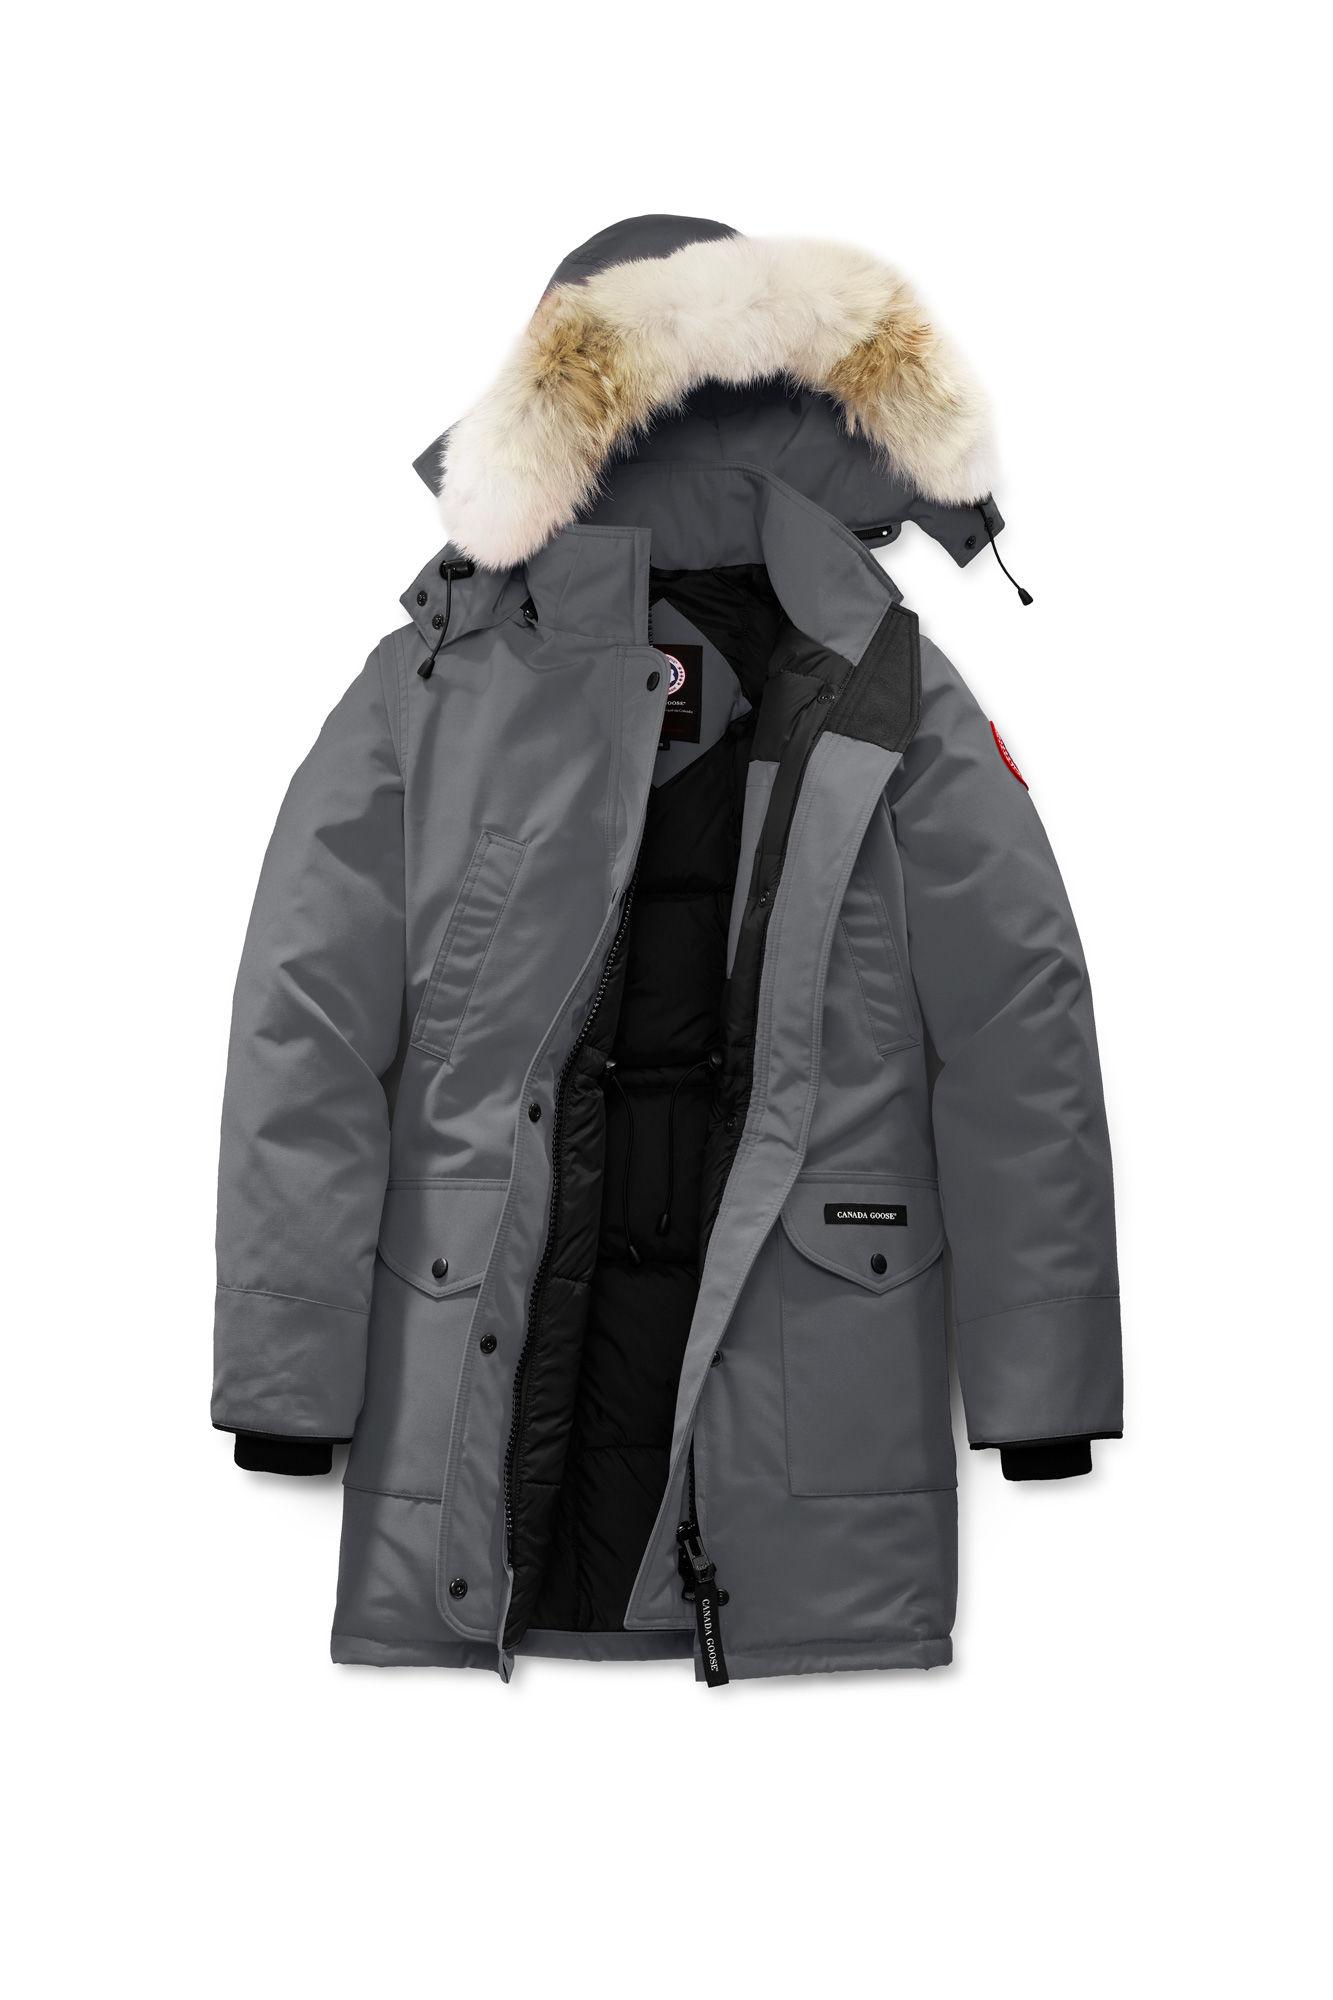 Manteau et parka femme best mountain - Vetement fitness et mode 9074cd1901df